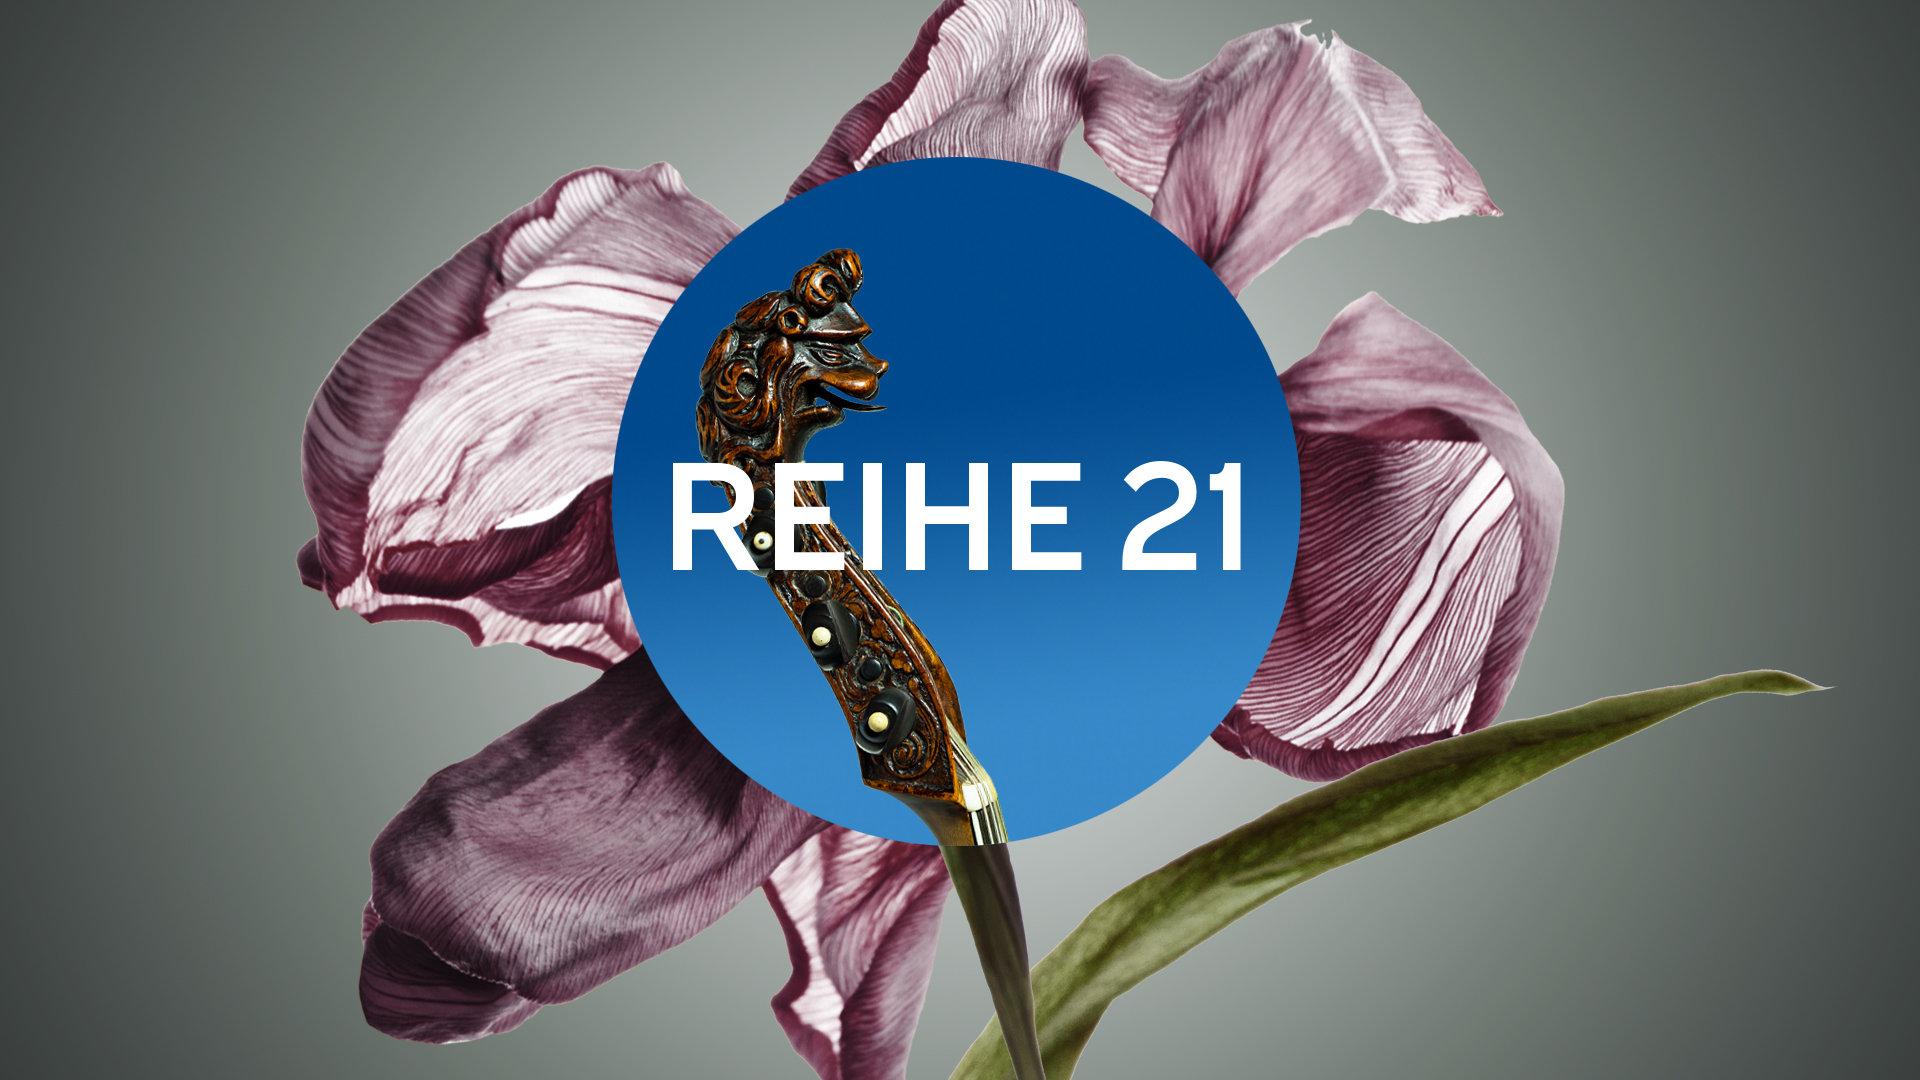 REIHE 21